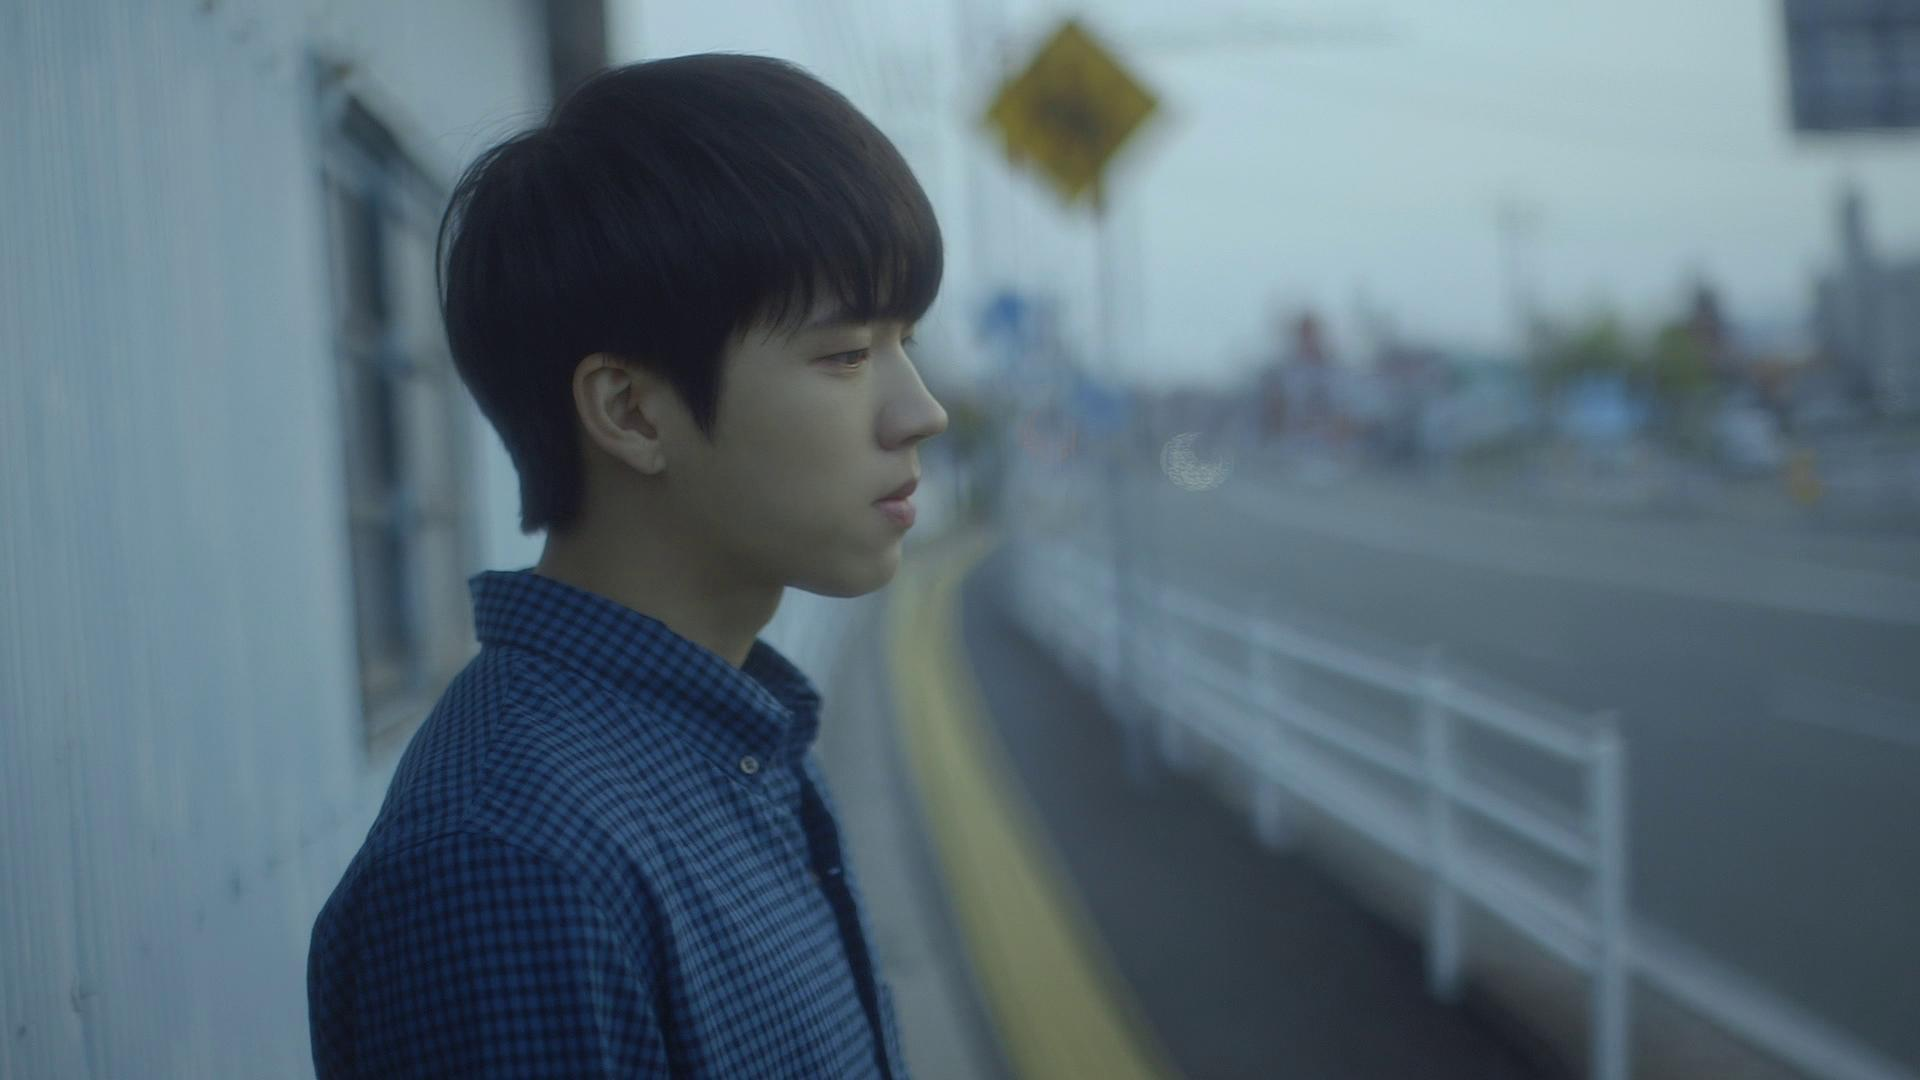 """[Teaser] 남우현(Nam Woo Hyun) """"끄덕끄덕"""" Teaser #2 (Music Video)"""